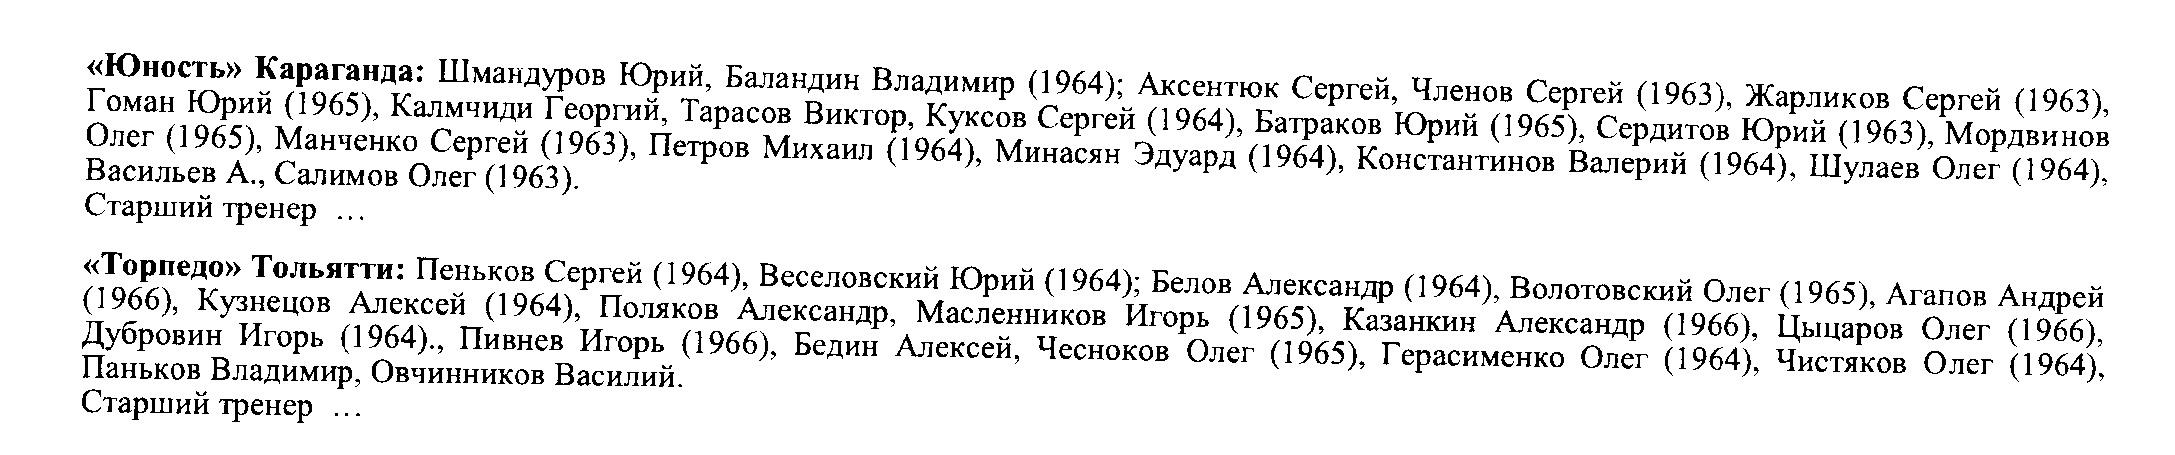 82-2.jpg